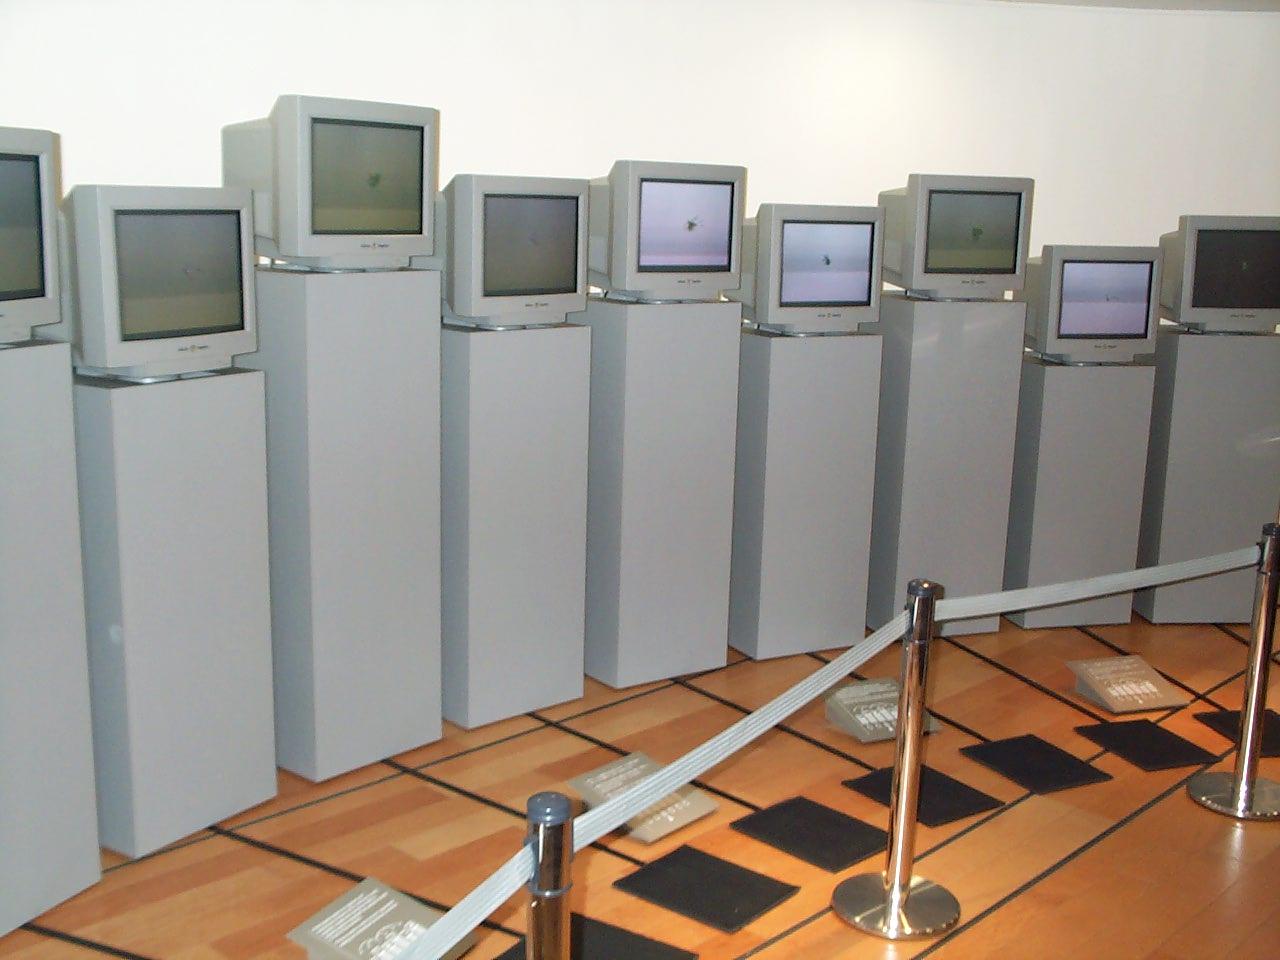 De preservering van digitale kunstwerken brengt specifieke uitdagingen met zich mee. Een zorgvuldige bewaring van de essentiële hard- en software is aanbevolen, maar soms kom je op een punt waarop (ondanks goede zorgen) één van beide onherroepelijk de geest geeft. Bijgevolg dreig je een cruciaal element te verliezen om het kunstwerk opnieuw te tonen. De beperkte houdbaarheid van de componenten van digitale kunstwerken vormt dus een gevaar voor hun bewaring op lange termijn. In dit praktijkvoorbeeld tonen we dat je deze problematiek de baas kan blijven wanneer je er vanaf het moment van het ontstaan van het kunstwerk rekening mee houdt.